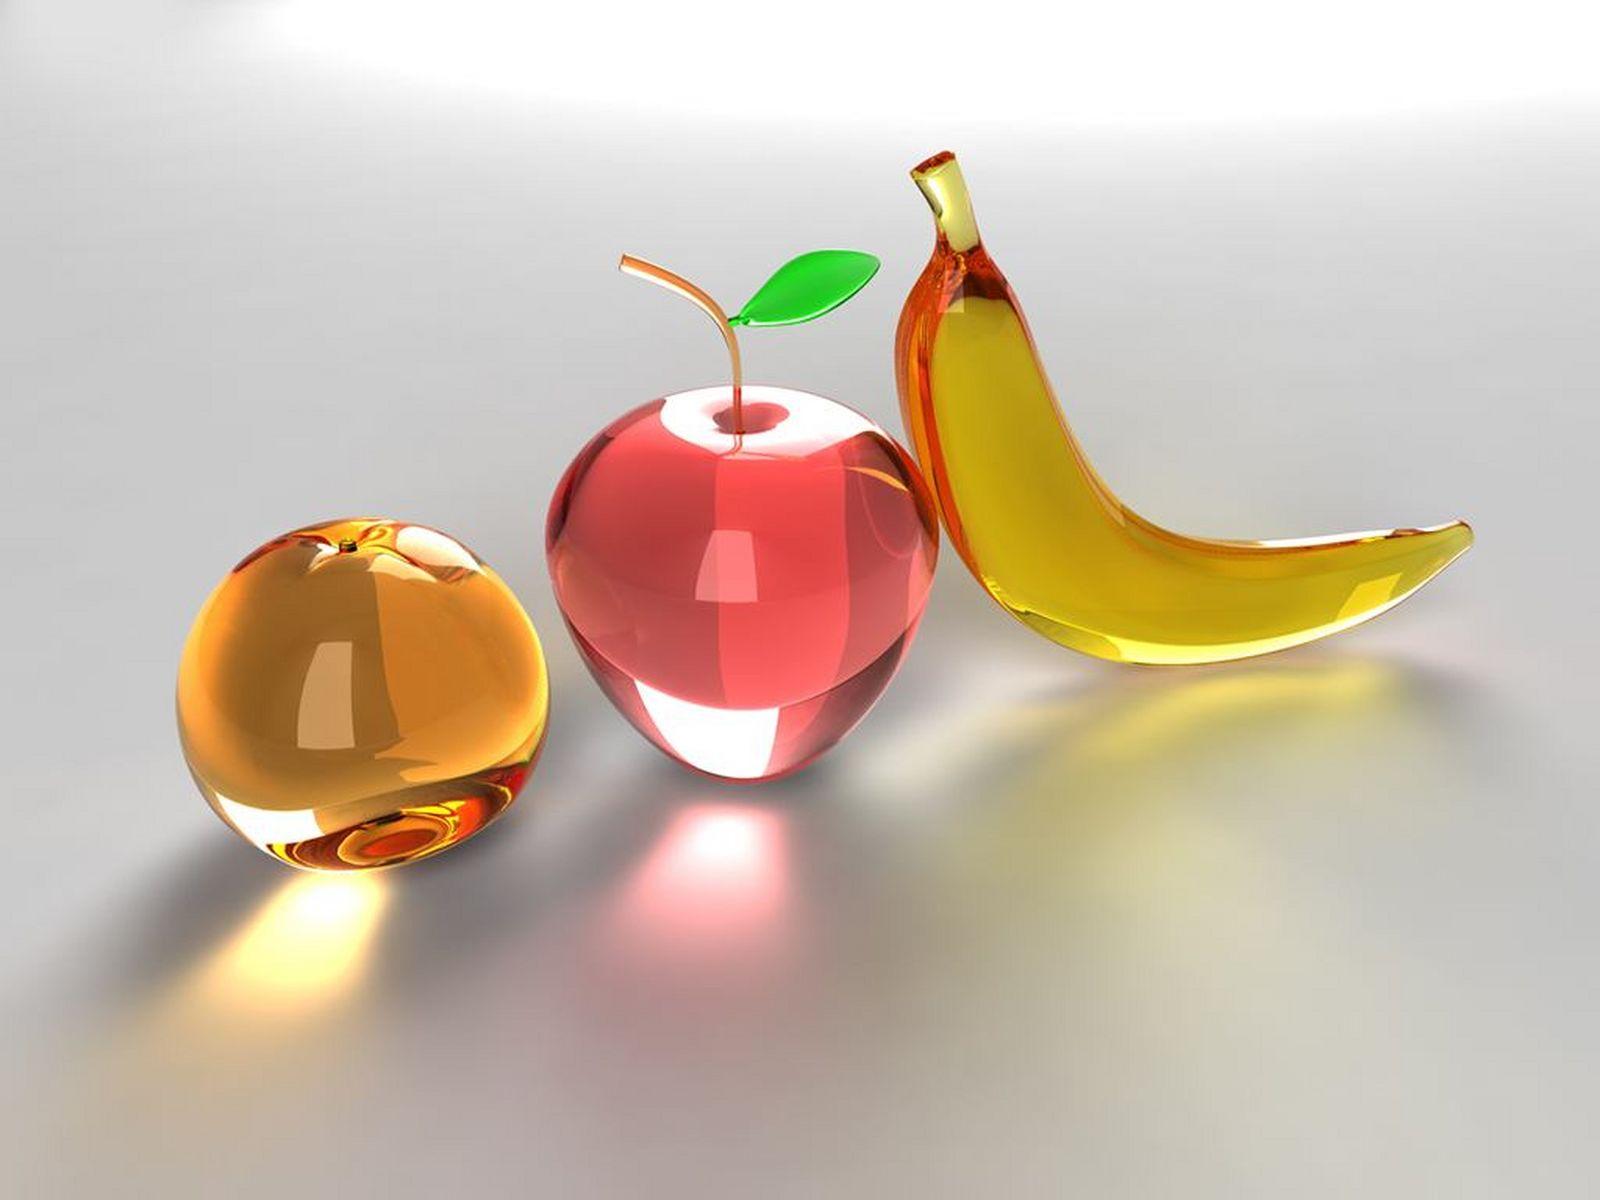 http://4.bp.blogspot.com/-_n__yYz0dW0/UXq_BfskJuI/AAAAAAAAATo/IXm0ld6Szow/s1600/3d+wallpaper.jpg